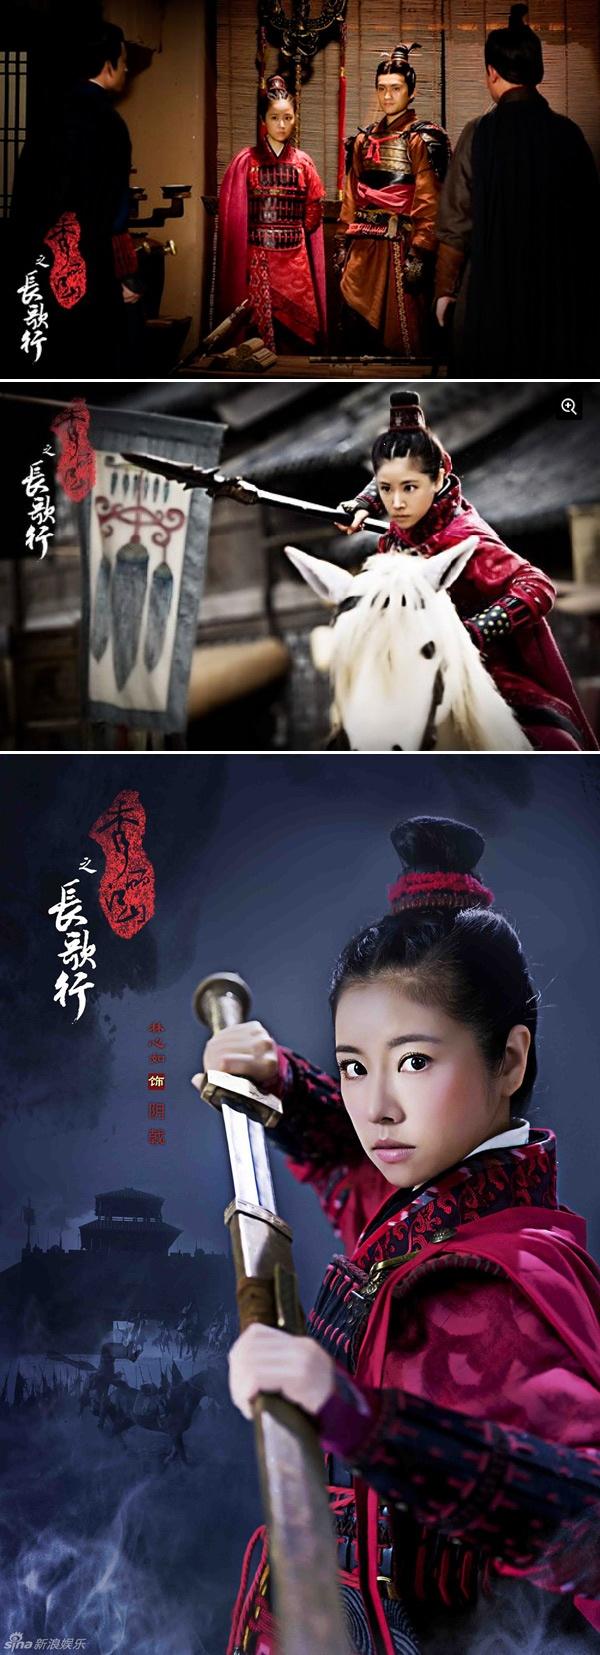 Lam Tam Nhu dep rang ngoi trong phim co trang moi hinh anh 5